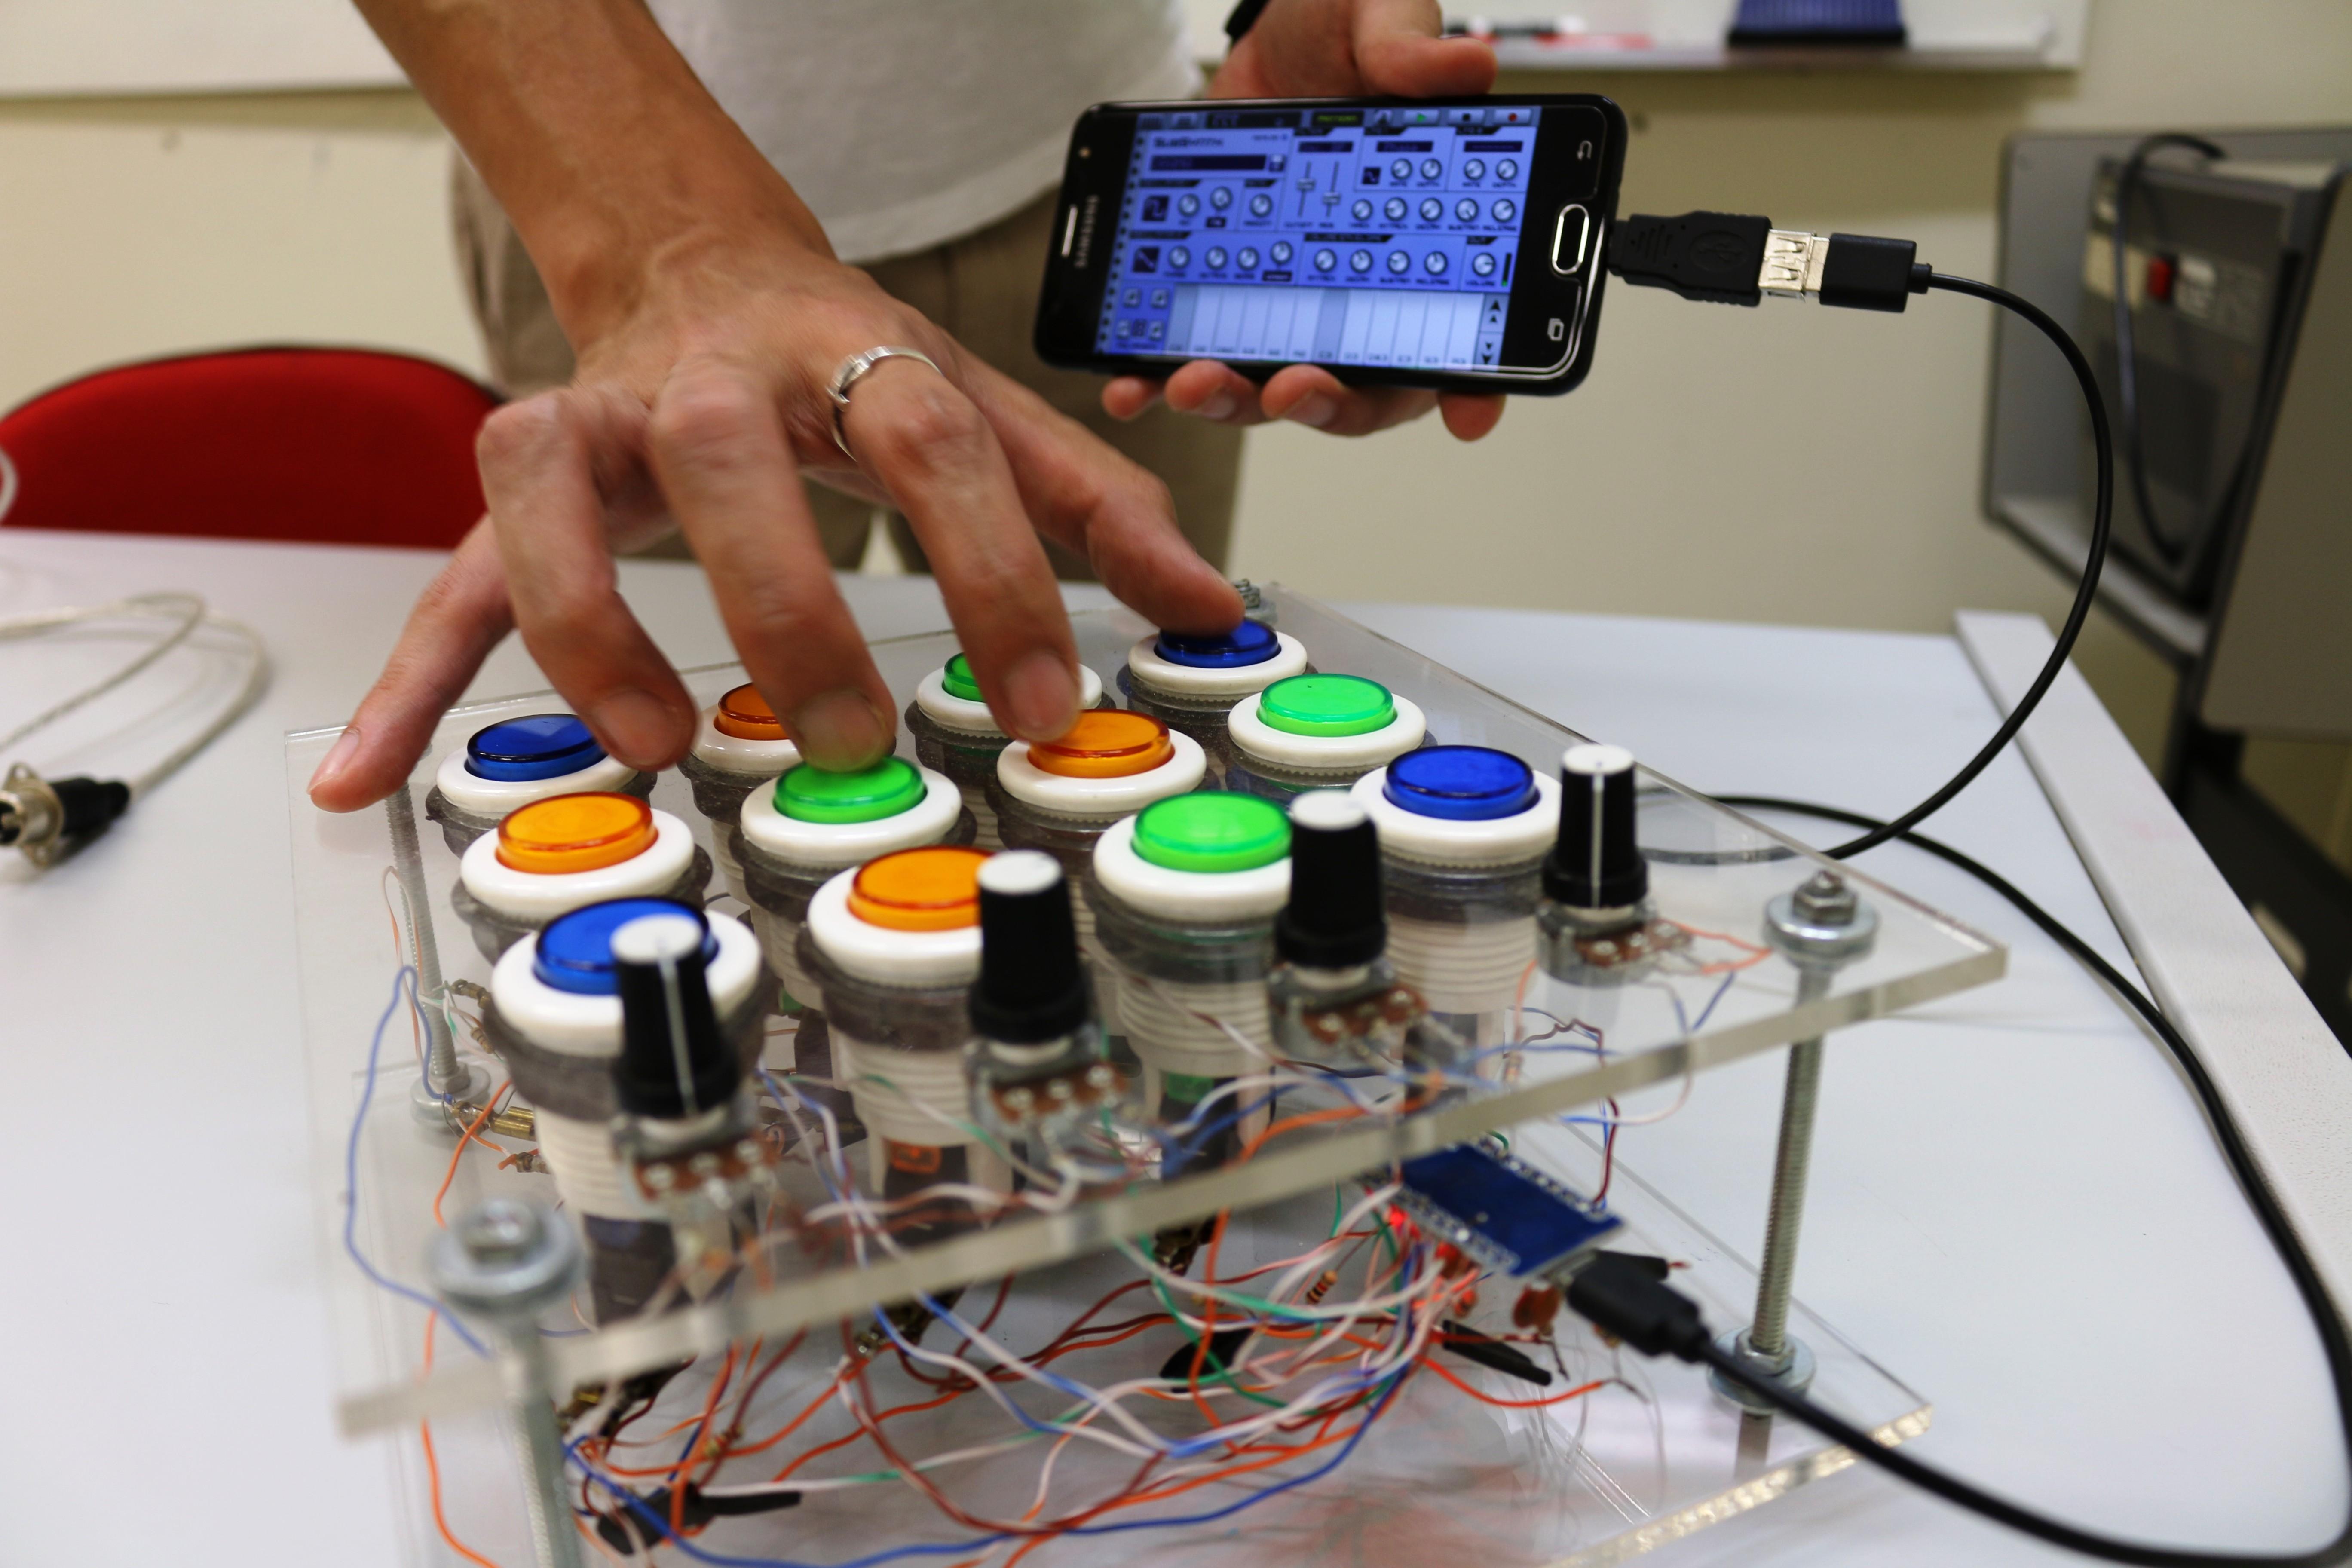 Amigos usam aprendizado na USP São Carlos e criam protótipo para compor música eletrônica - Noticias